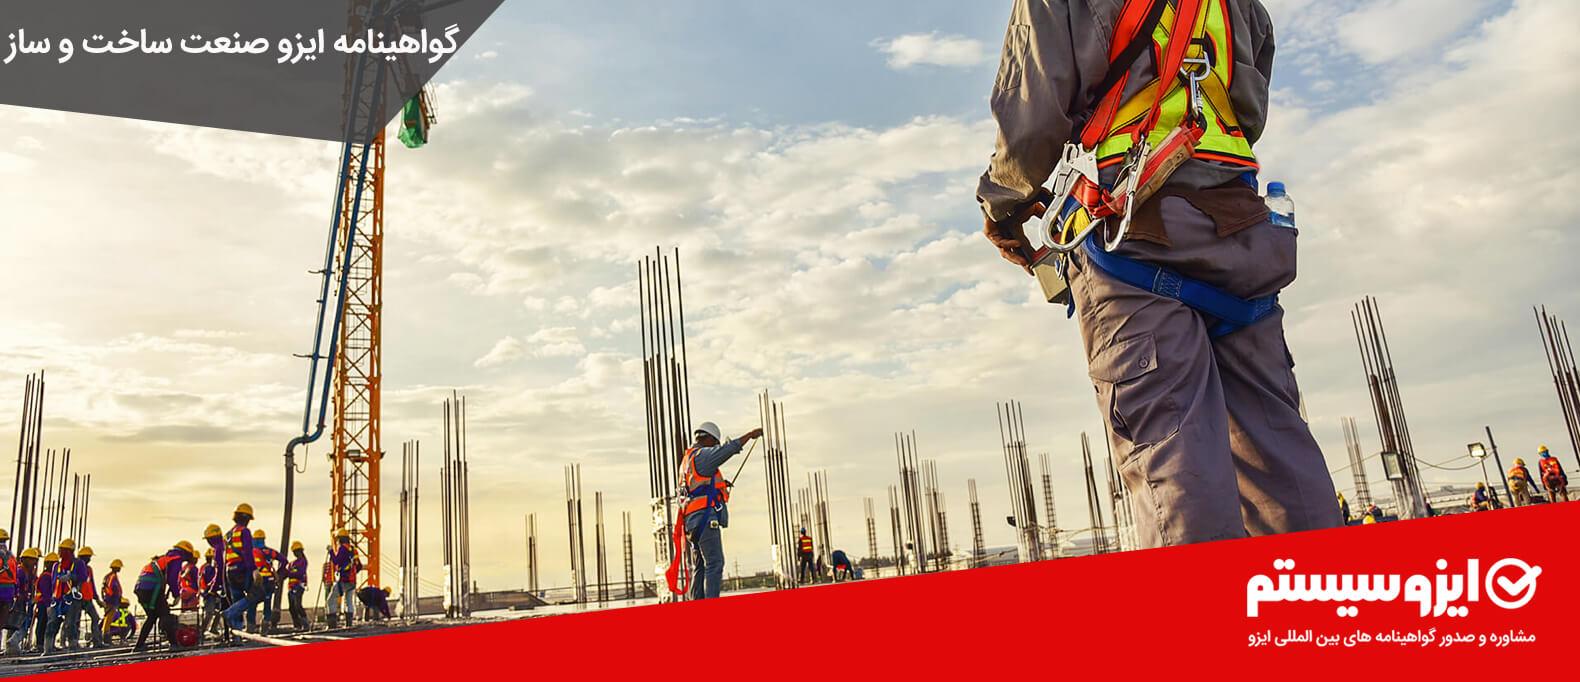 گواهینامه ایزو صنعت ساخت و ساز(1)